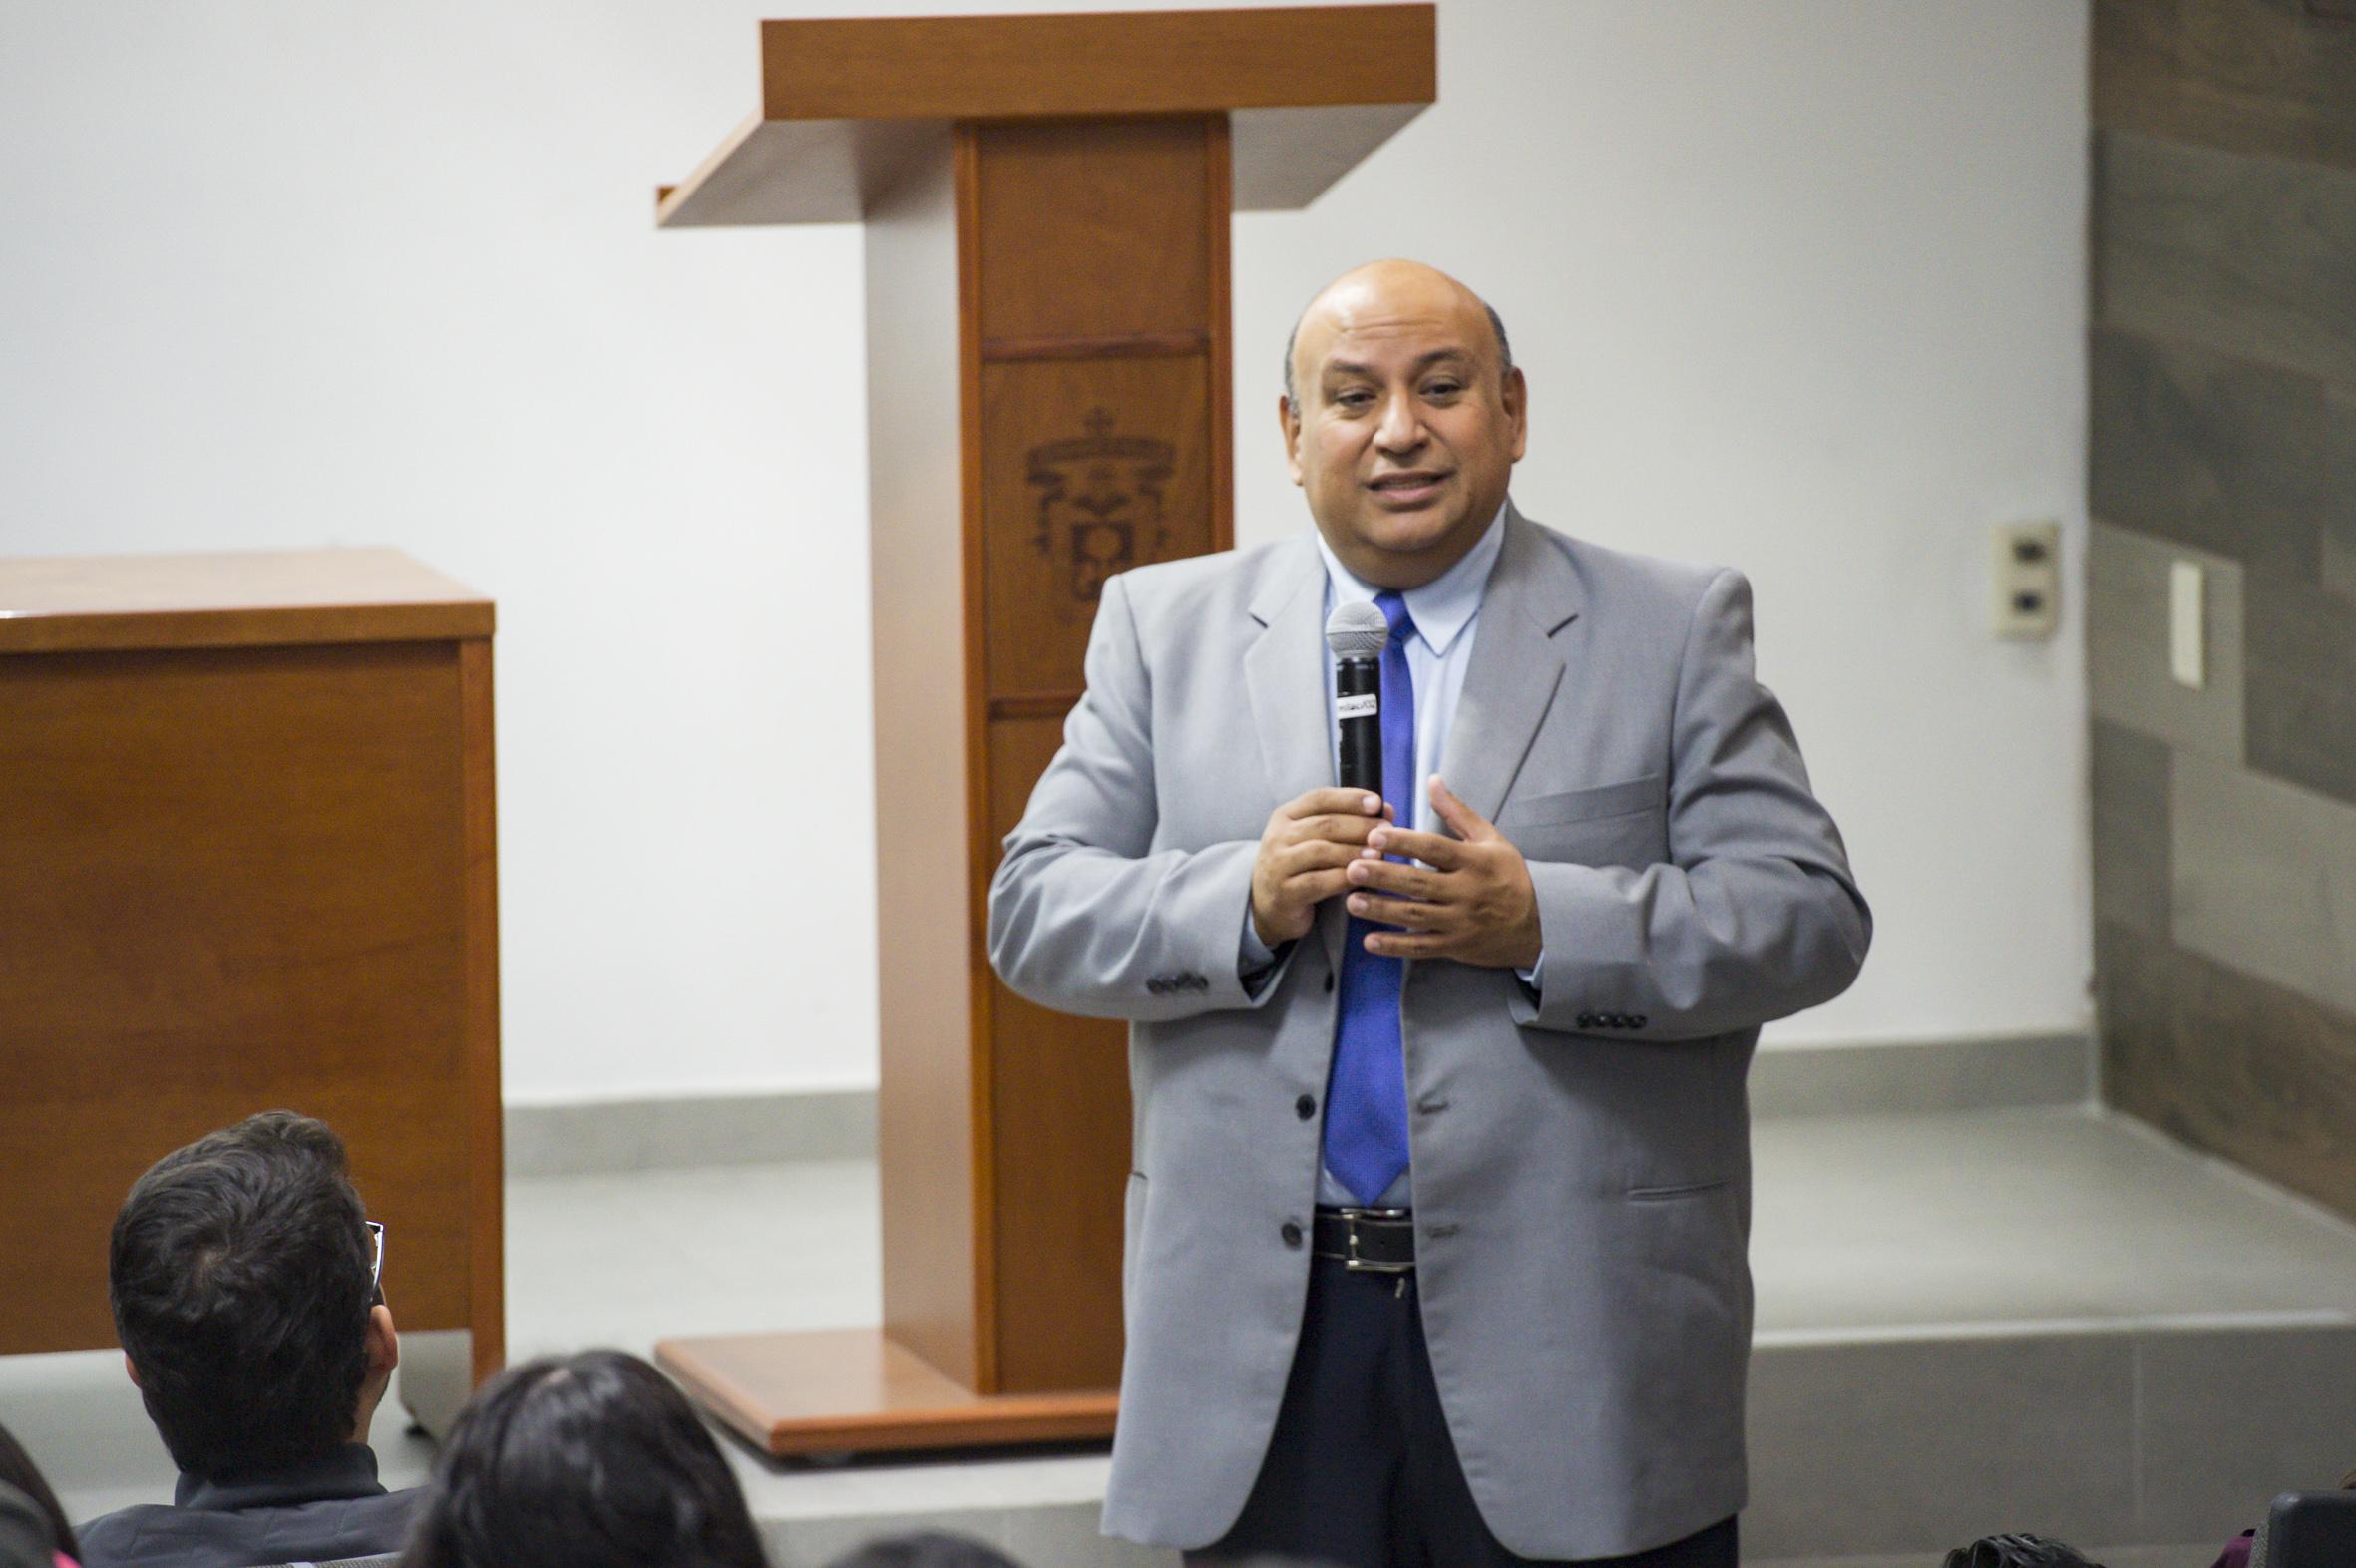 Maestro Francisco José Gutiérrez Rodríguez, Jefe del Departamento de Psicología Básica; con micrófono en mano, dictando charla.